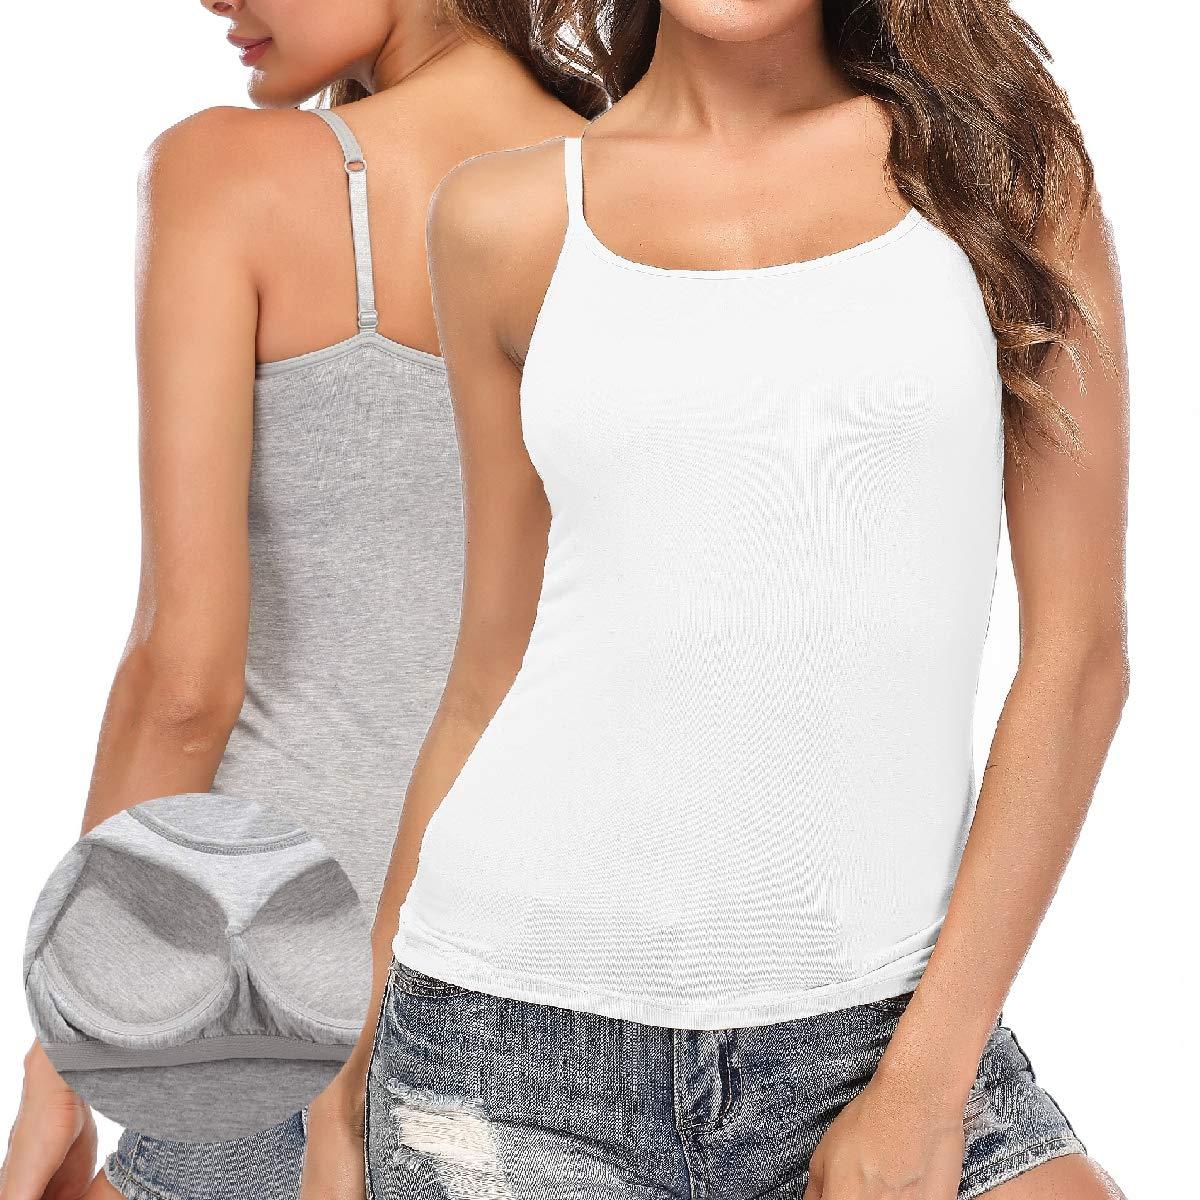 Bodis de Mujer Ajustadas sin Mangas de la Mujeres Camiseta Sujetador Incorporado